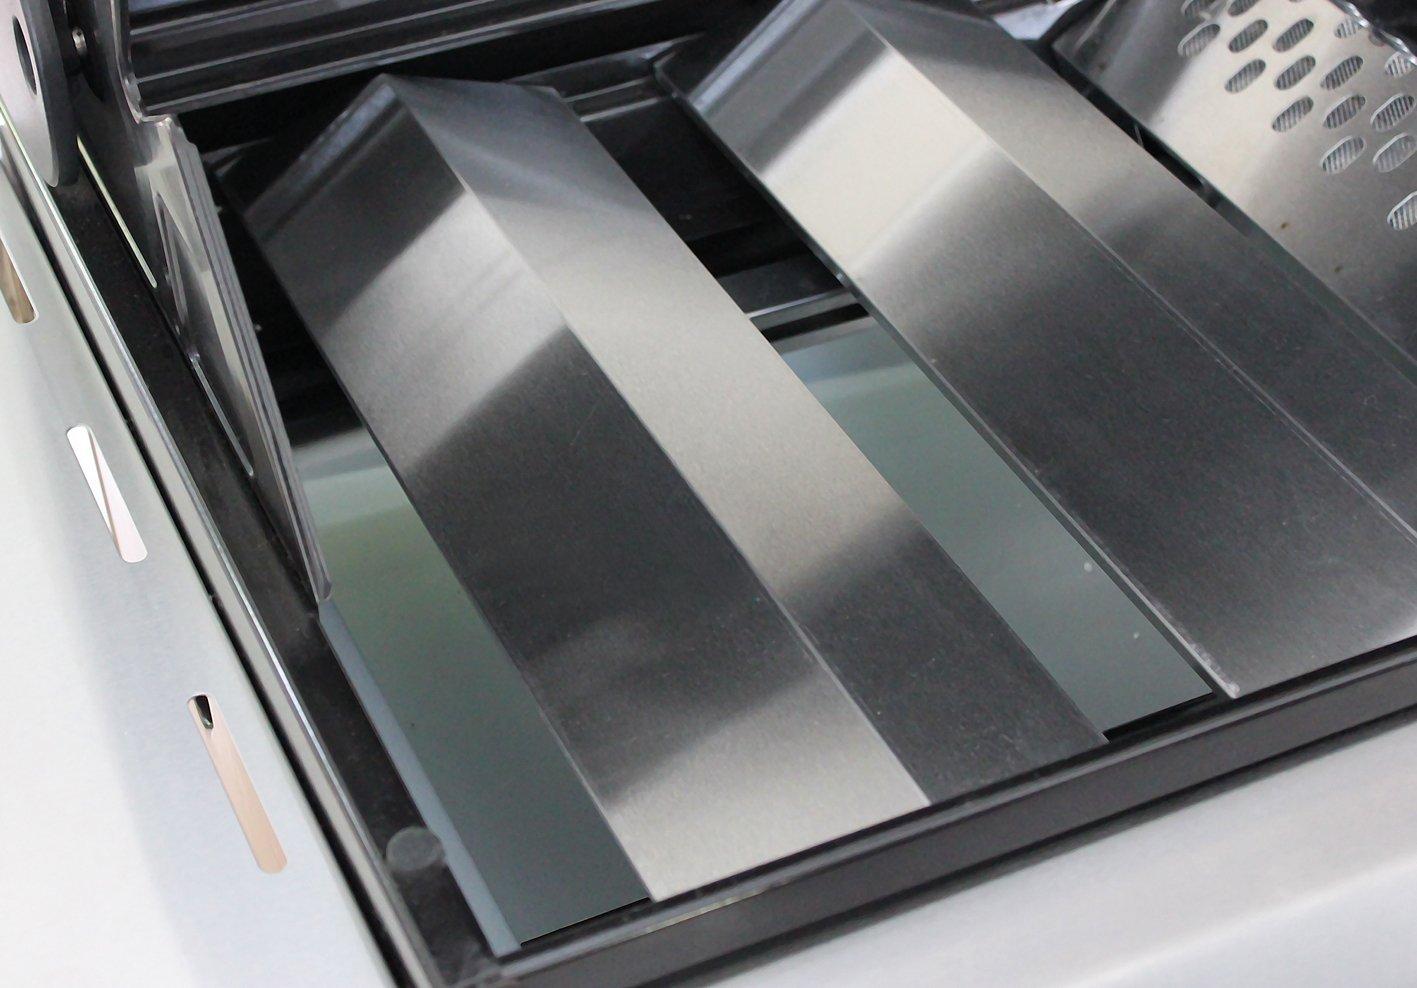 Enders Gasgrill Kansas 4 Sik Profi Turbo Test : Enders bbq gasgrill kansas sik profi turbo vorstellung